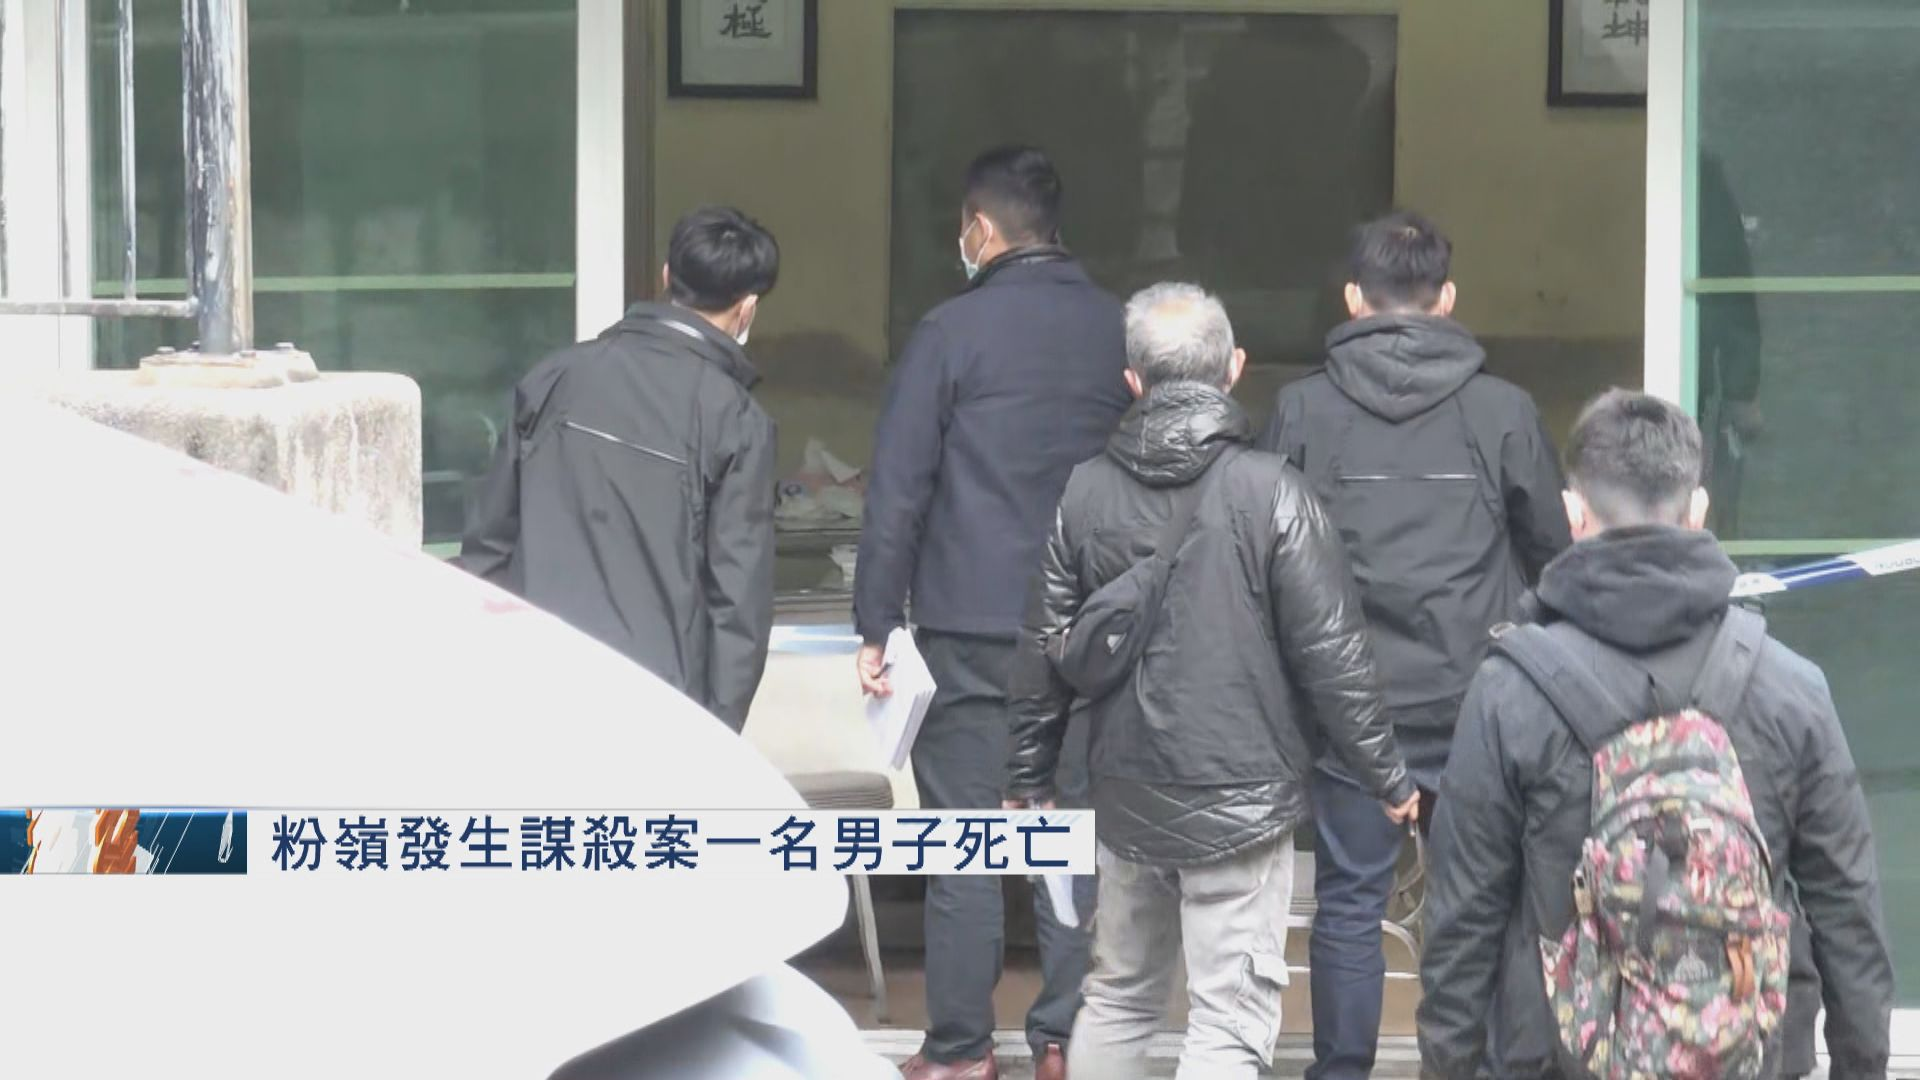 粉嶺57歲男子遭四人持刀襲擊傷重不治 暫未有人被捕